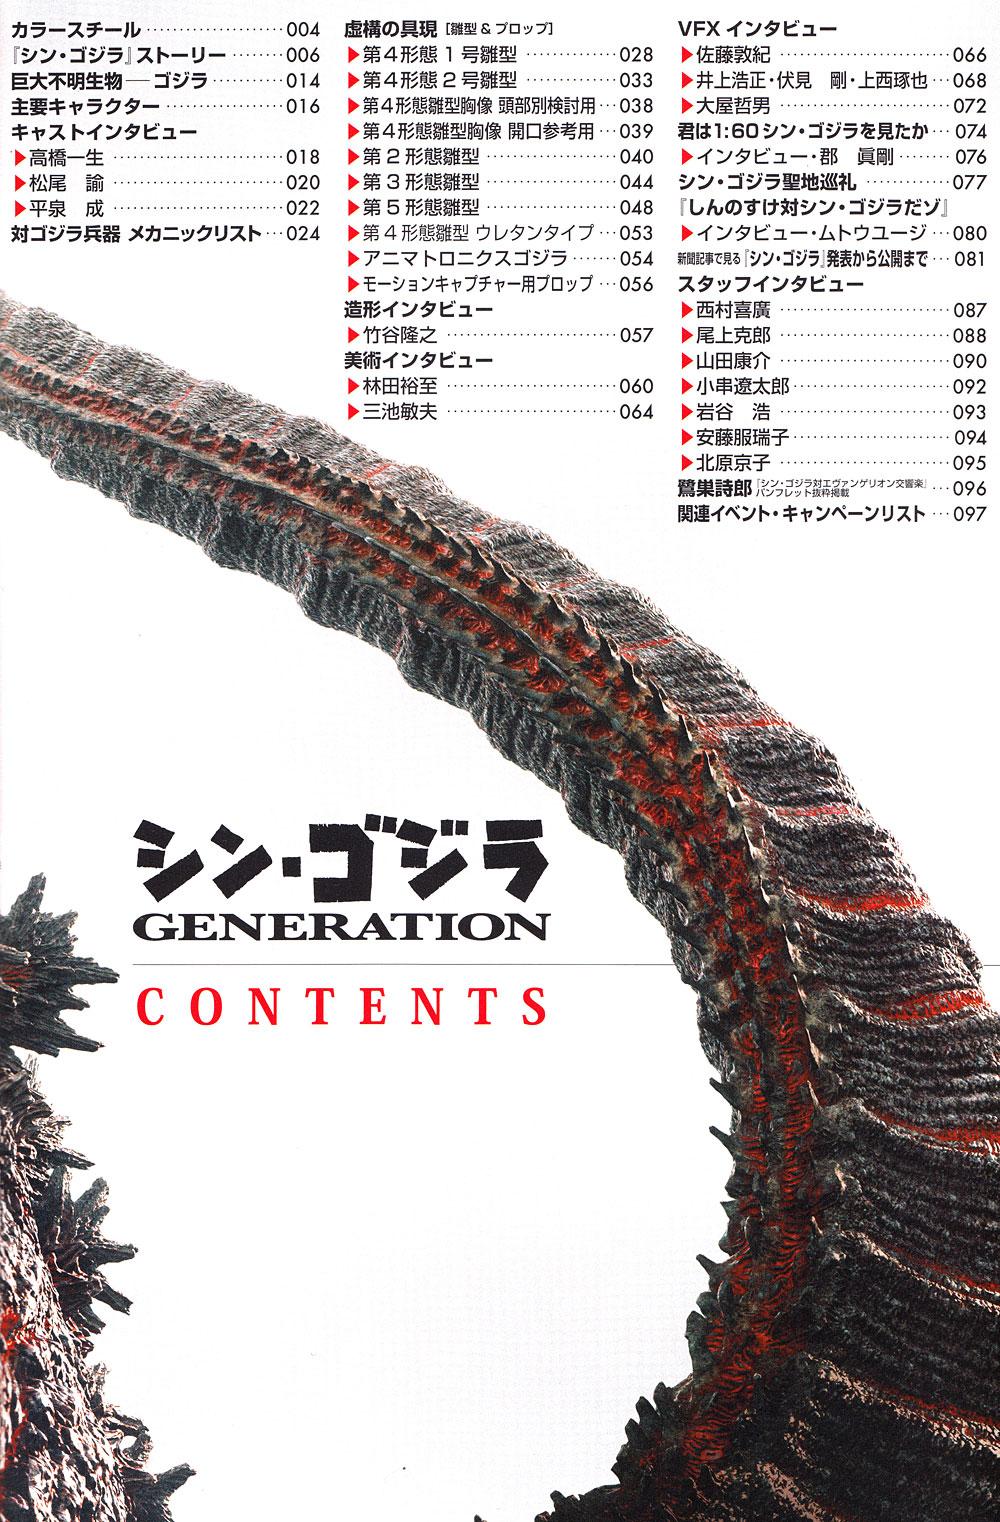 シン・ゴジラ GENERATION本(ホビージャパンHOBBY JAPAN MOOKNo.68148-84)商品画像_1